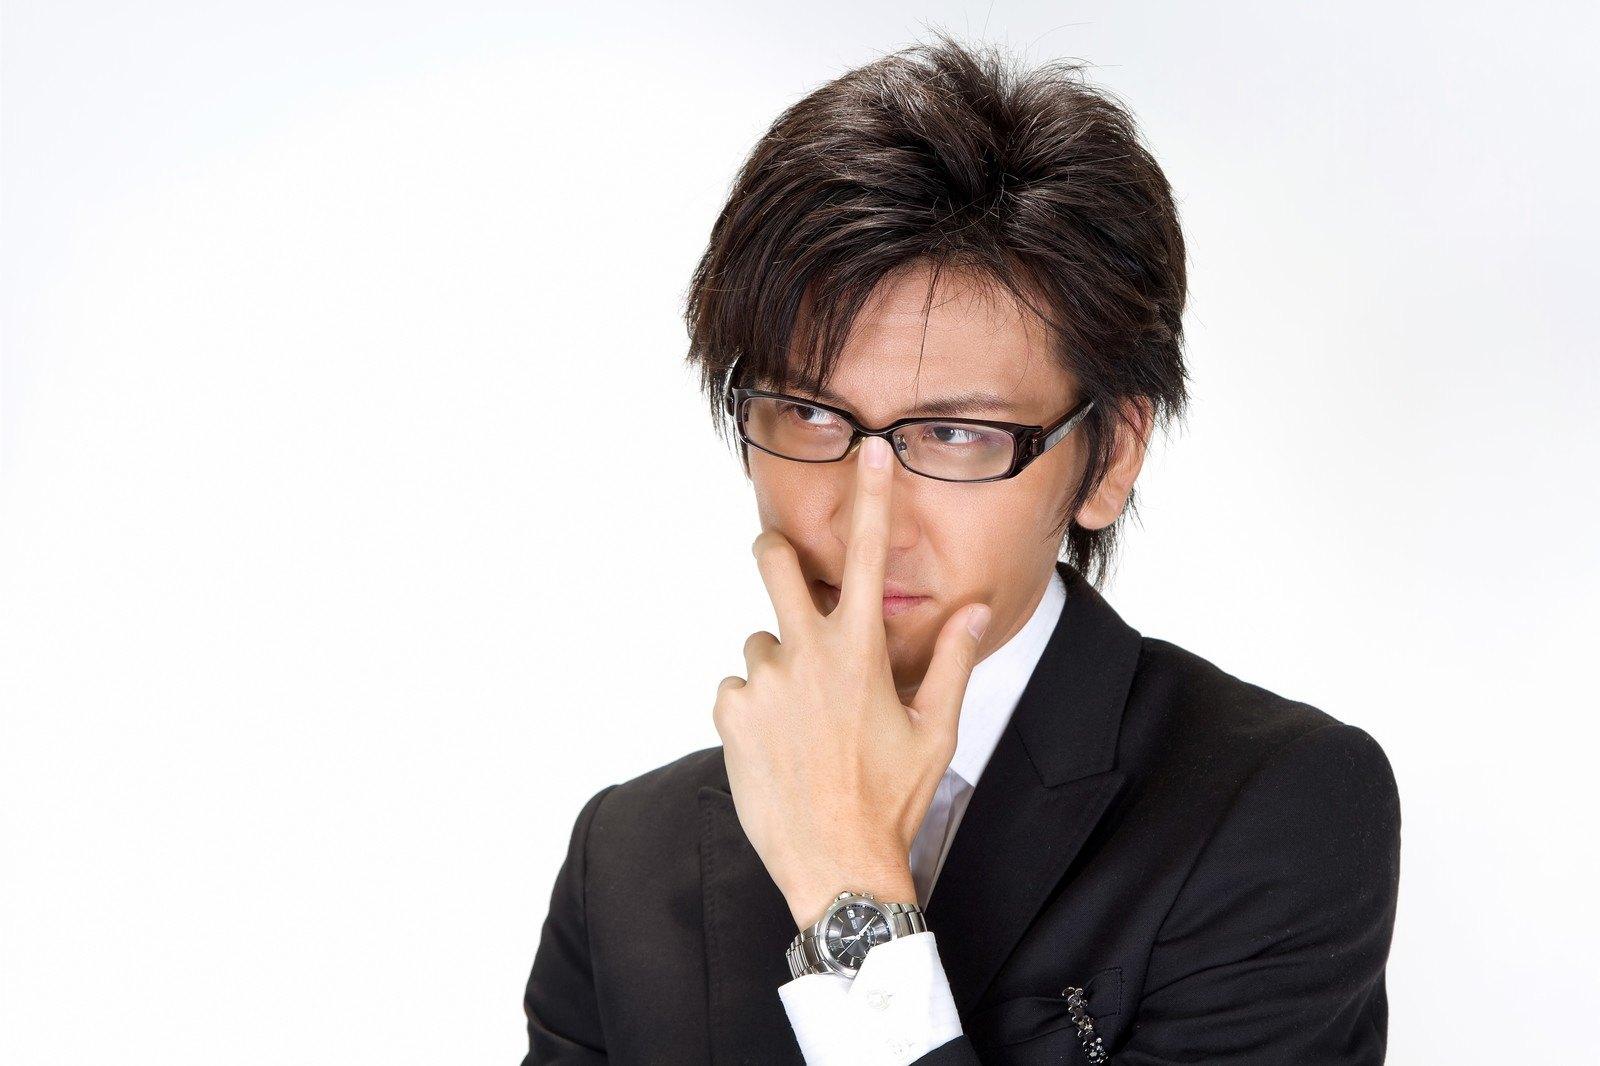 眼鏡をかけたエリートサラリーマン。